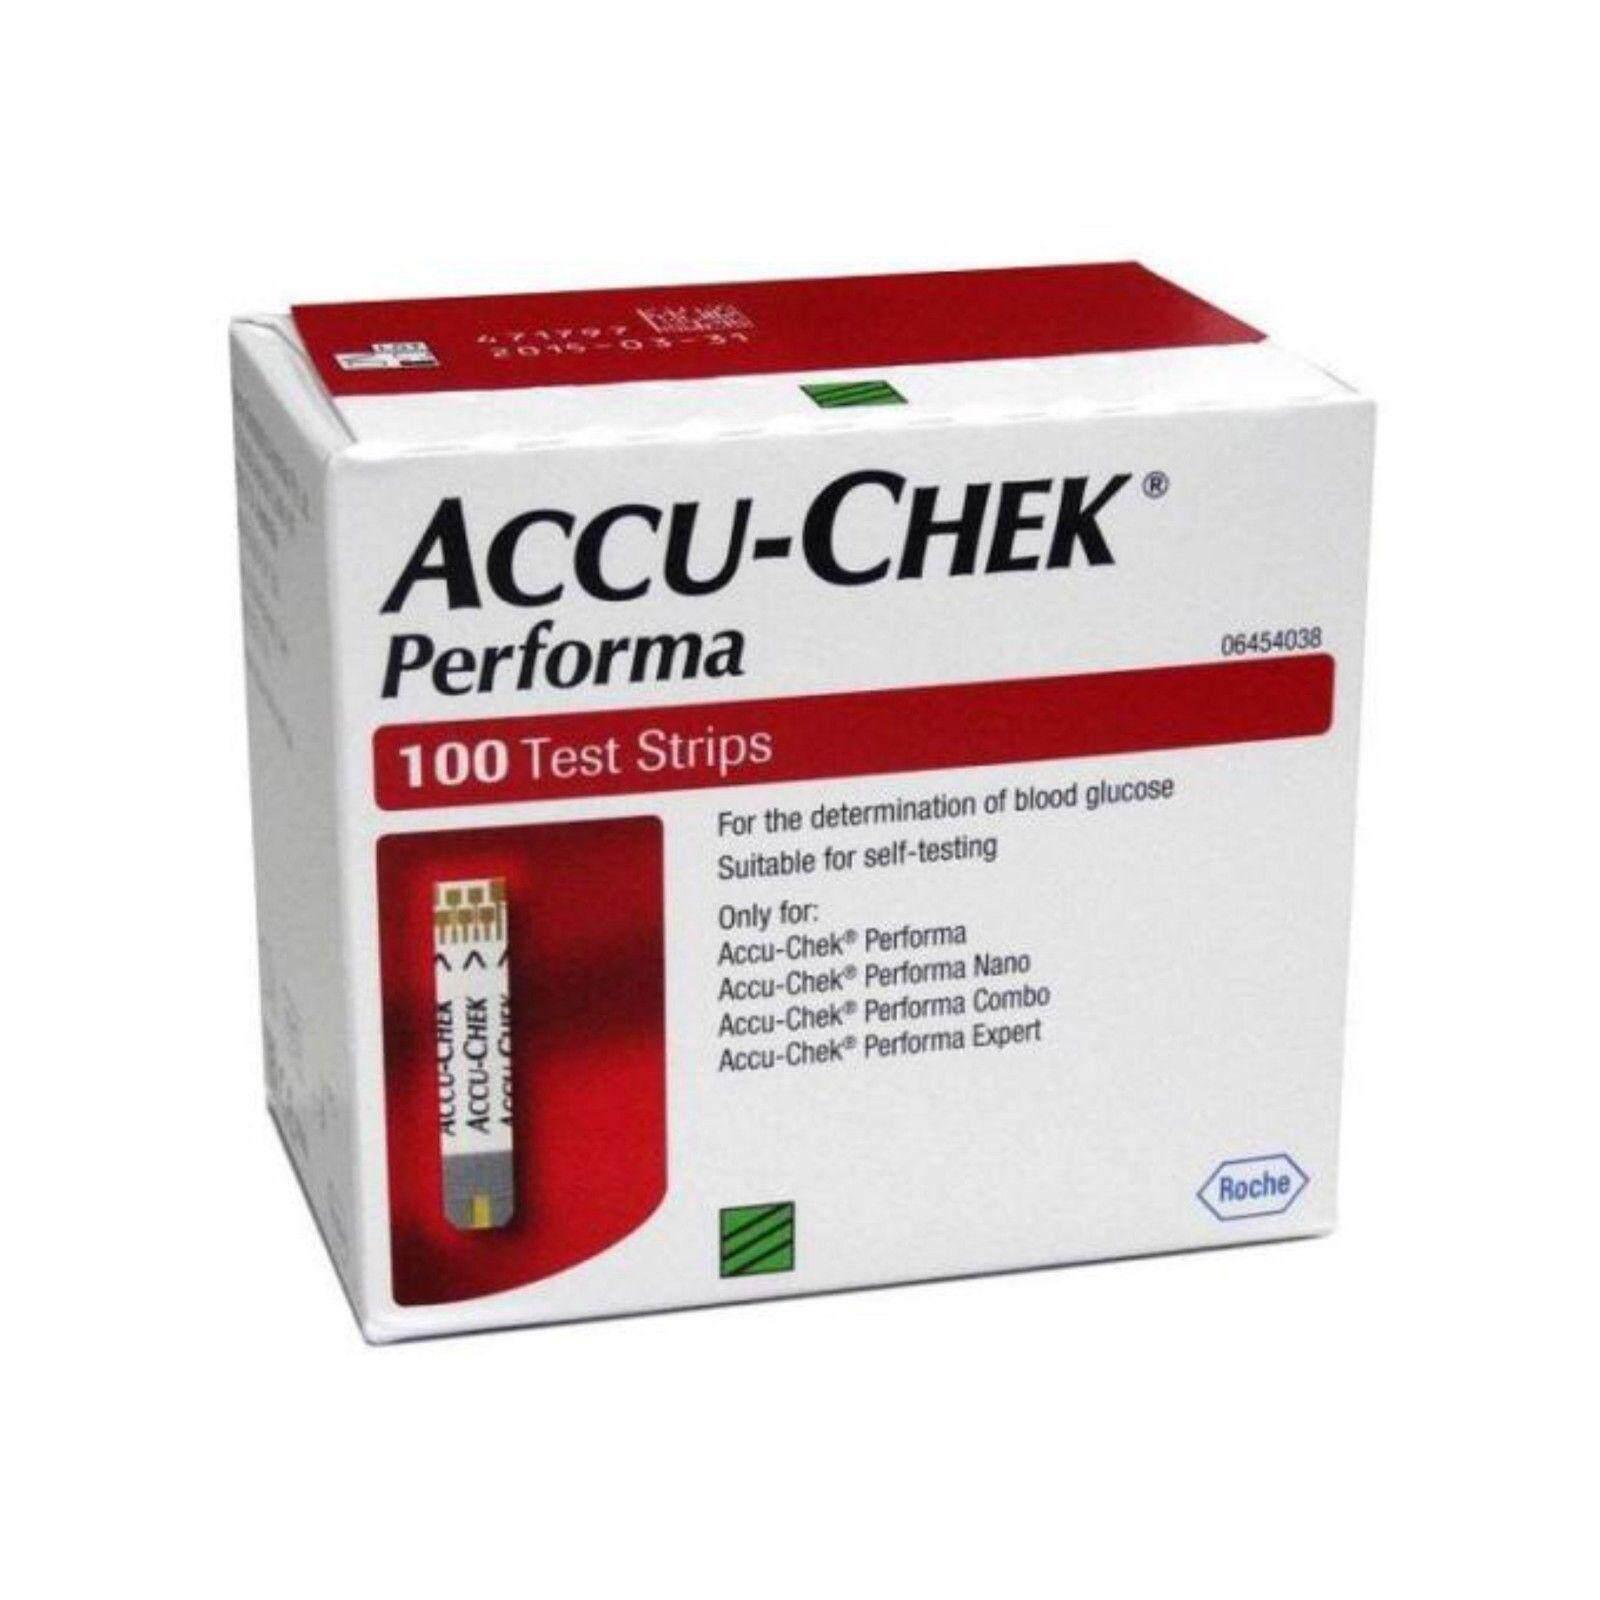 แผ่นตรวจวัดระดับน้ำตาลในเลือด Accu-Chek Performa (ประกันของแท้) / Accu Chek Performa / Test Strip100 แผ่น By Metroriew.